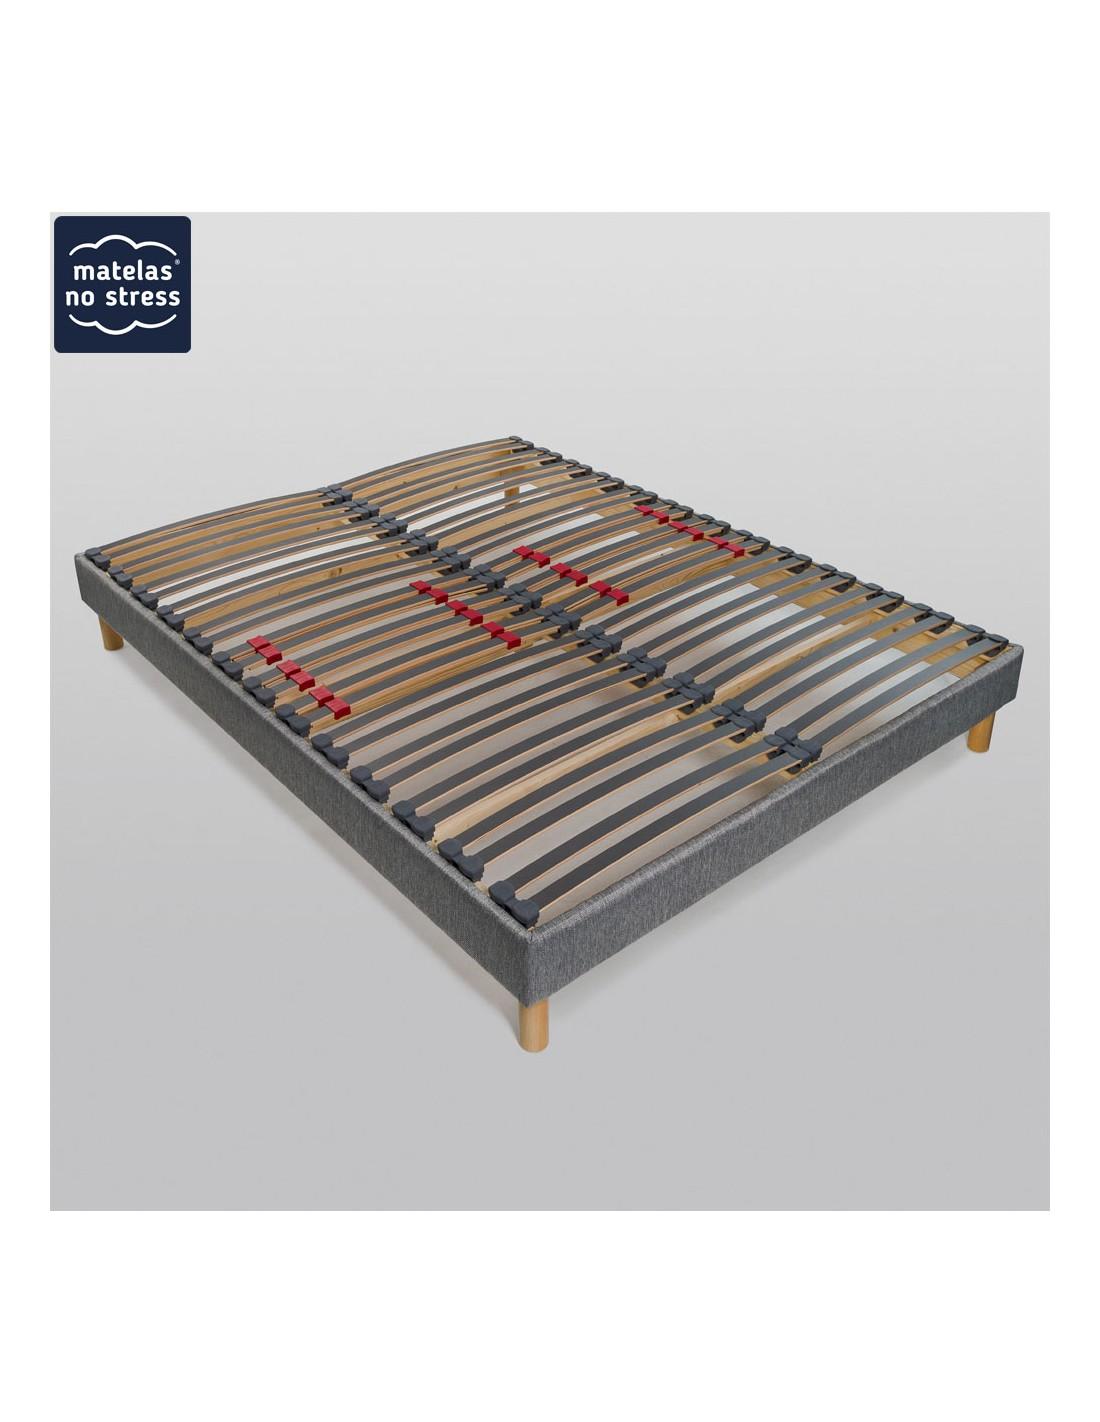 sommier tissu d co dimension du sommier d co 70x190 coloris tissu gris clair. Black Bedroom Furniture Sets. Home Design Ideas